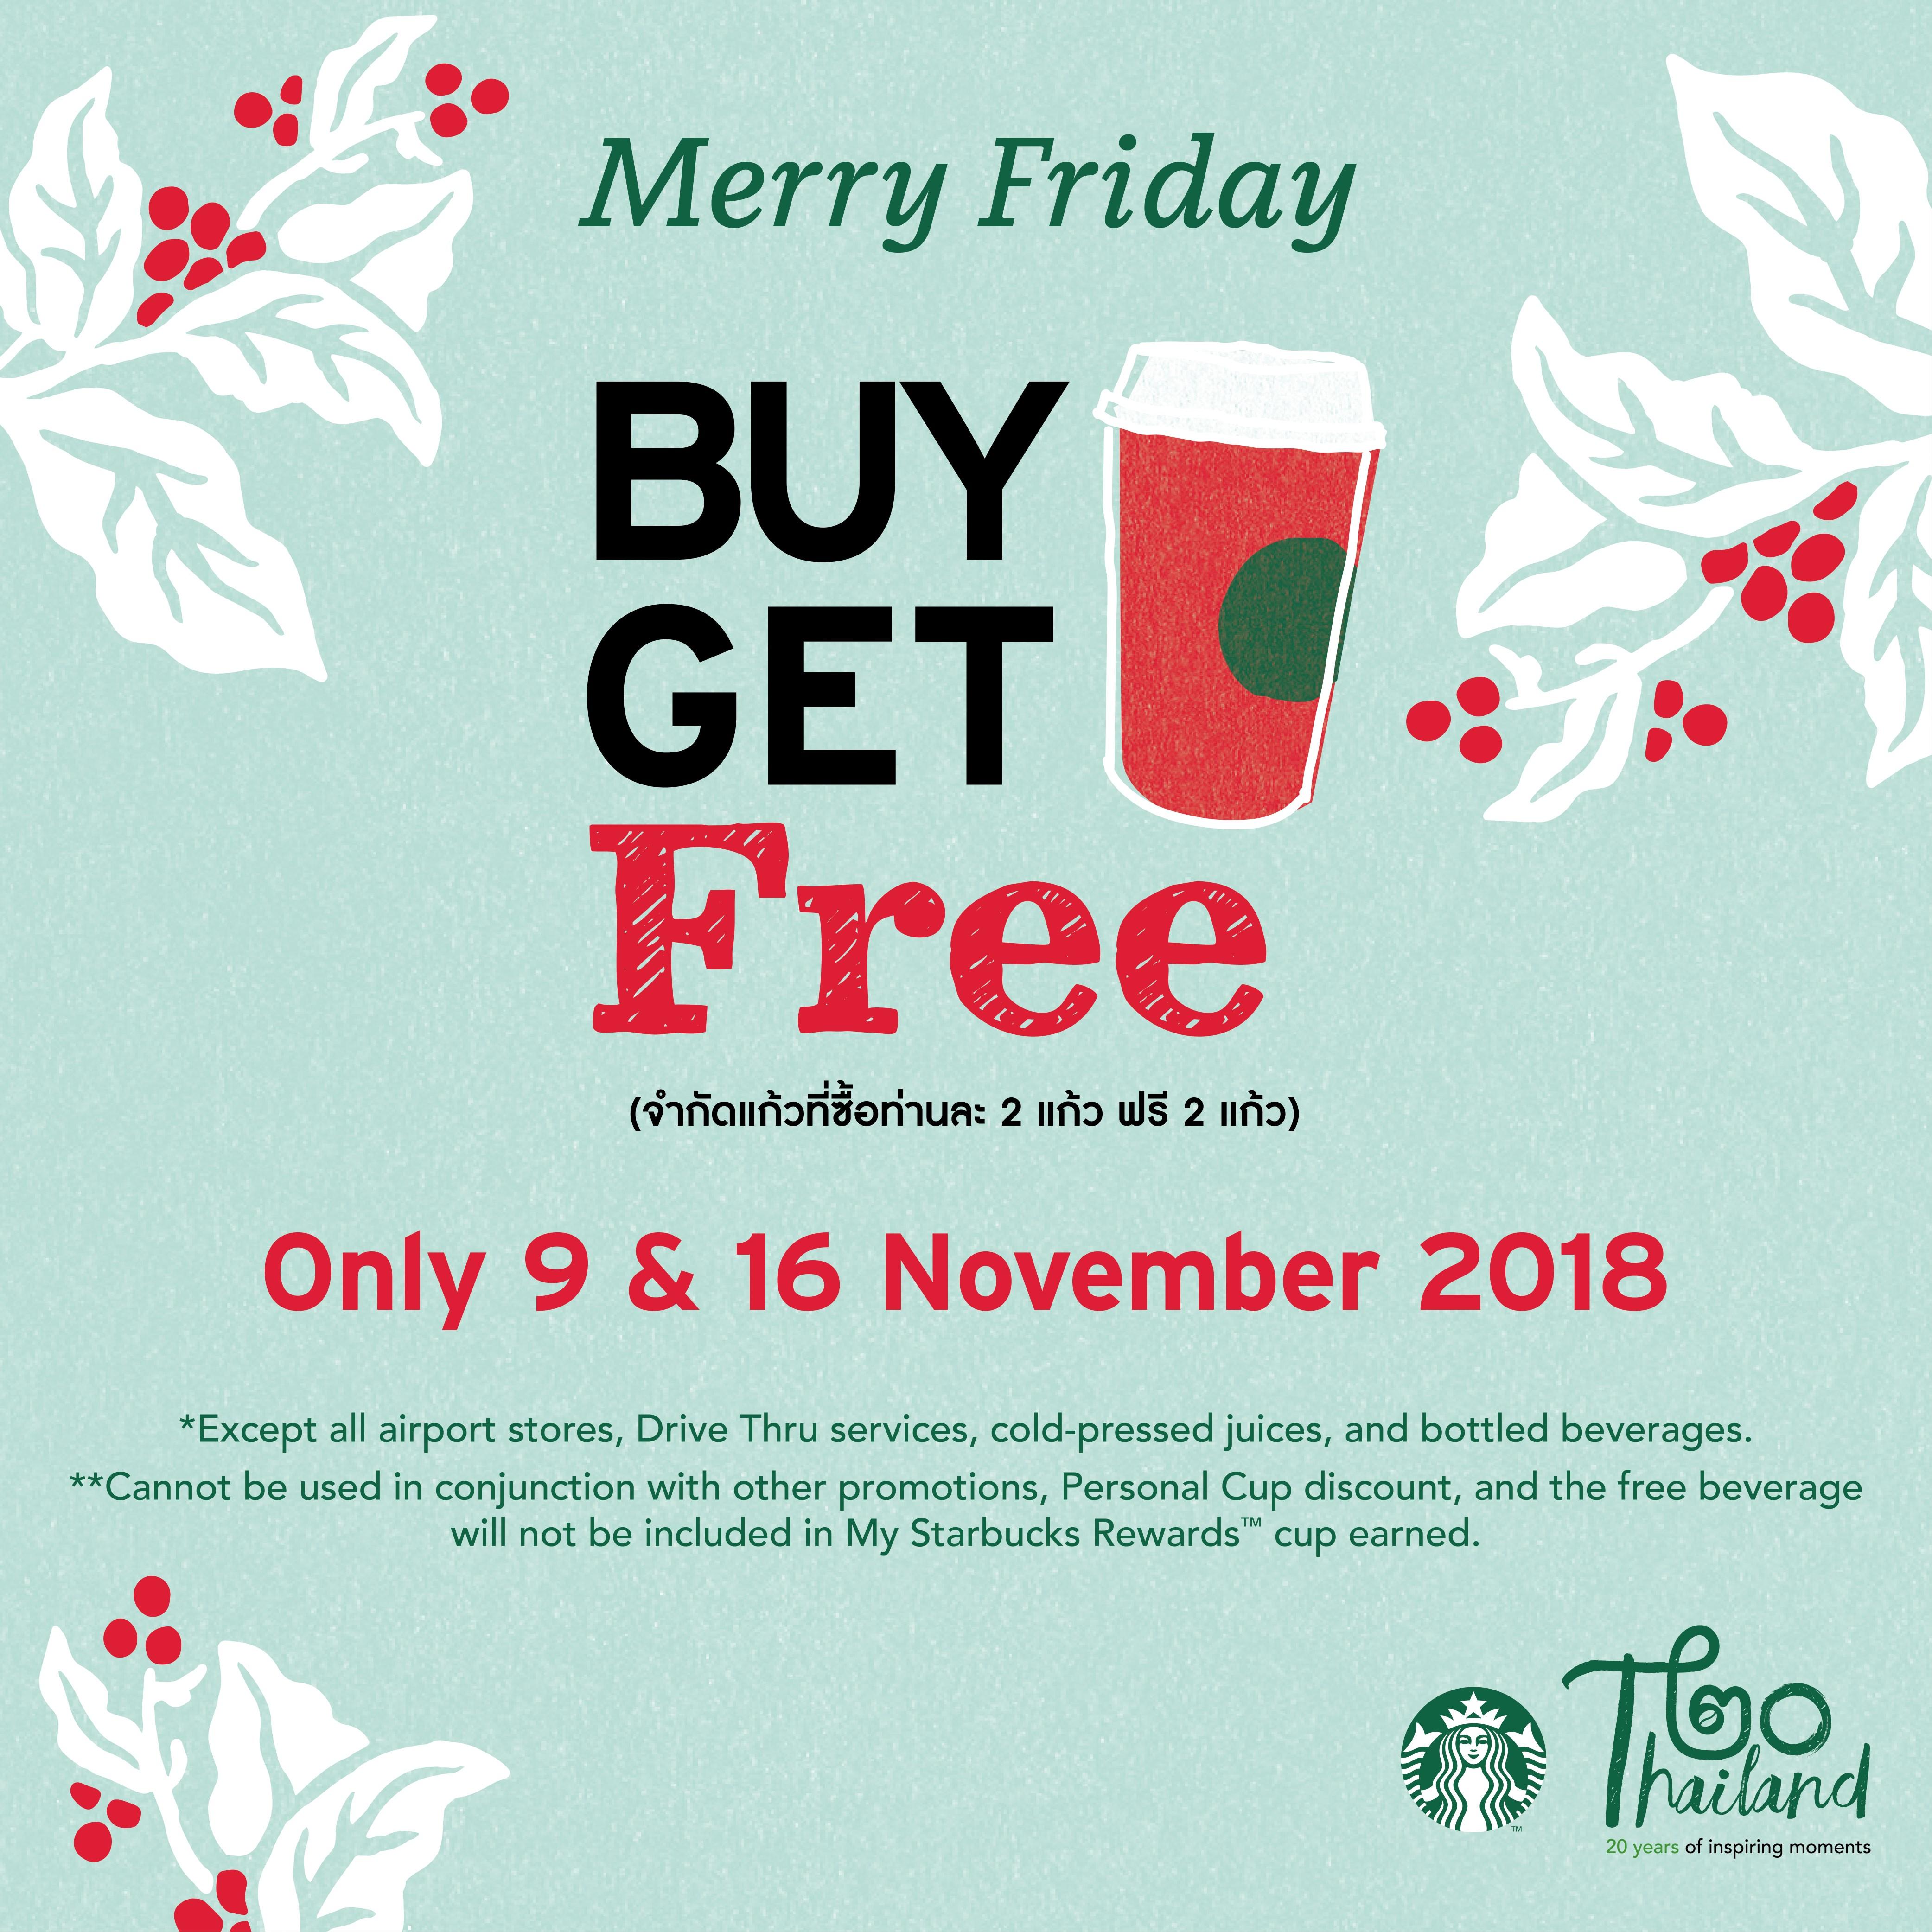 โปรโมชั่น Starbucks Merry Friday ซื้อ 1 แถม 1 ฟรี (พย 61